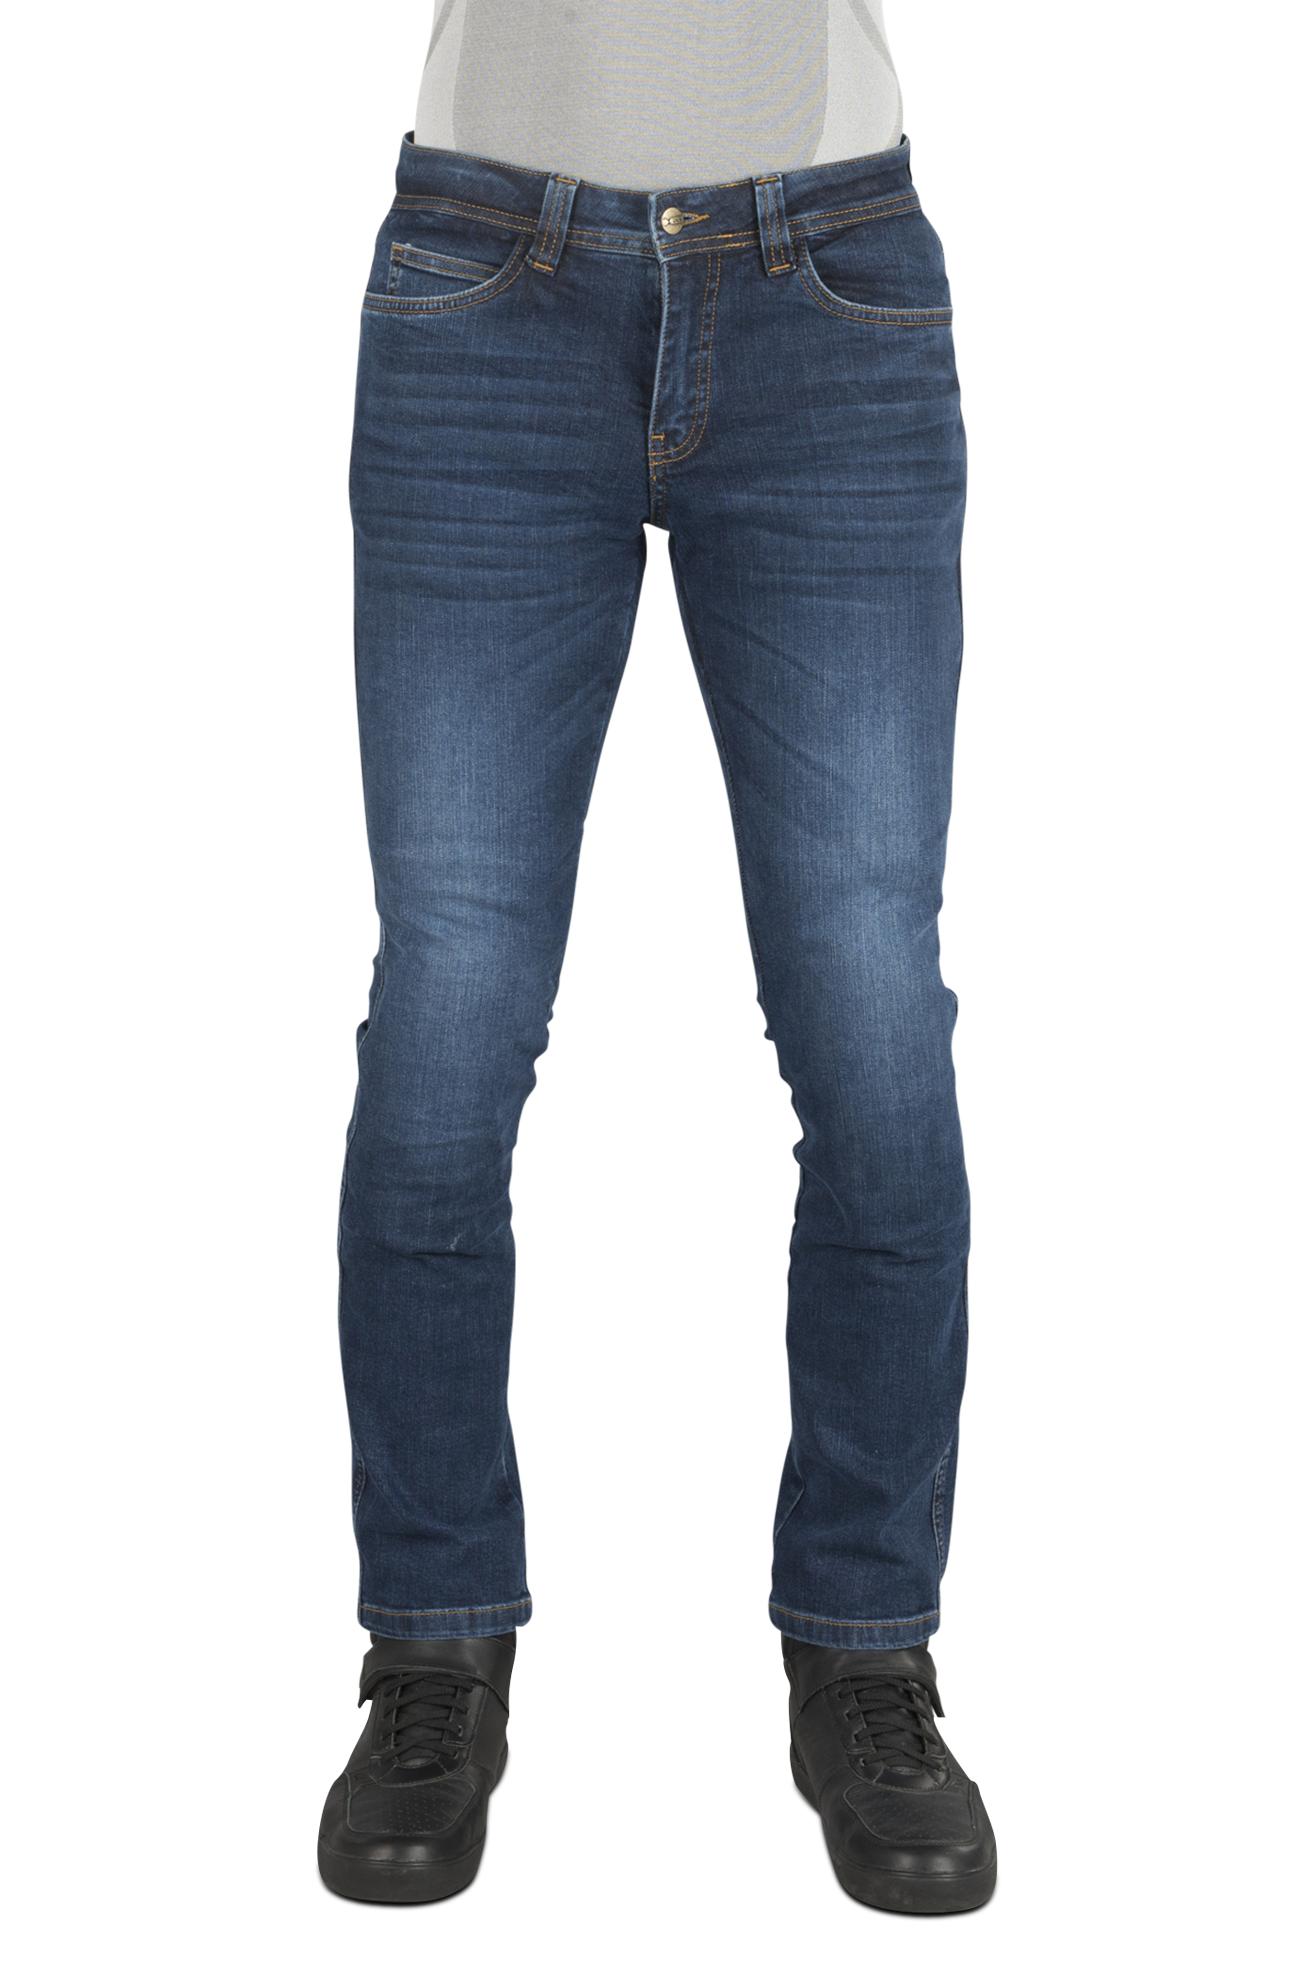 iXS Jeans Moto  Classic AR Clarkson Blu